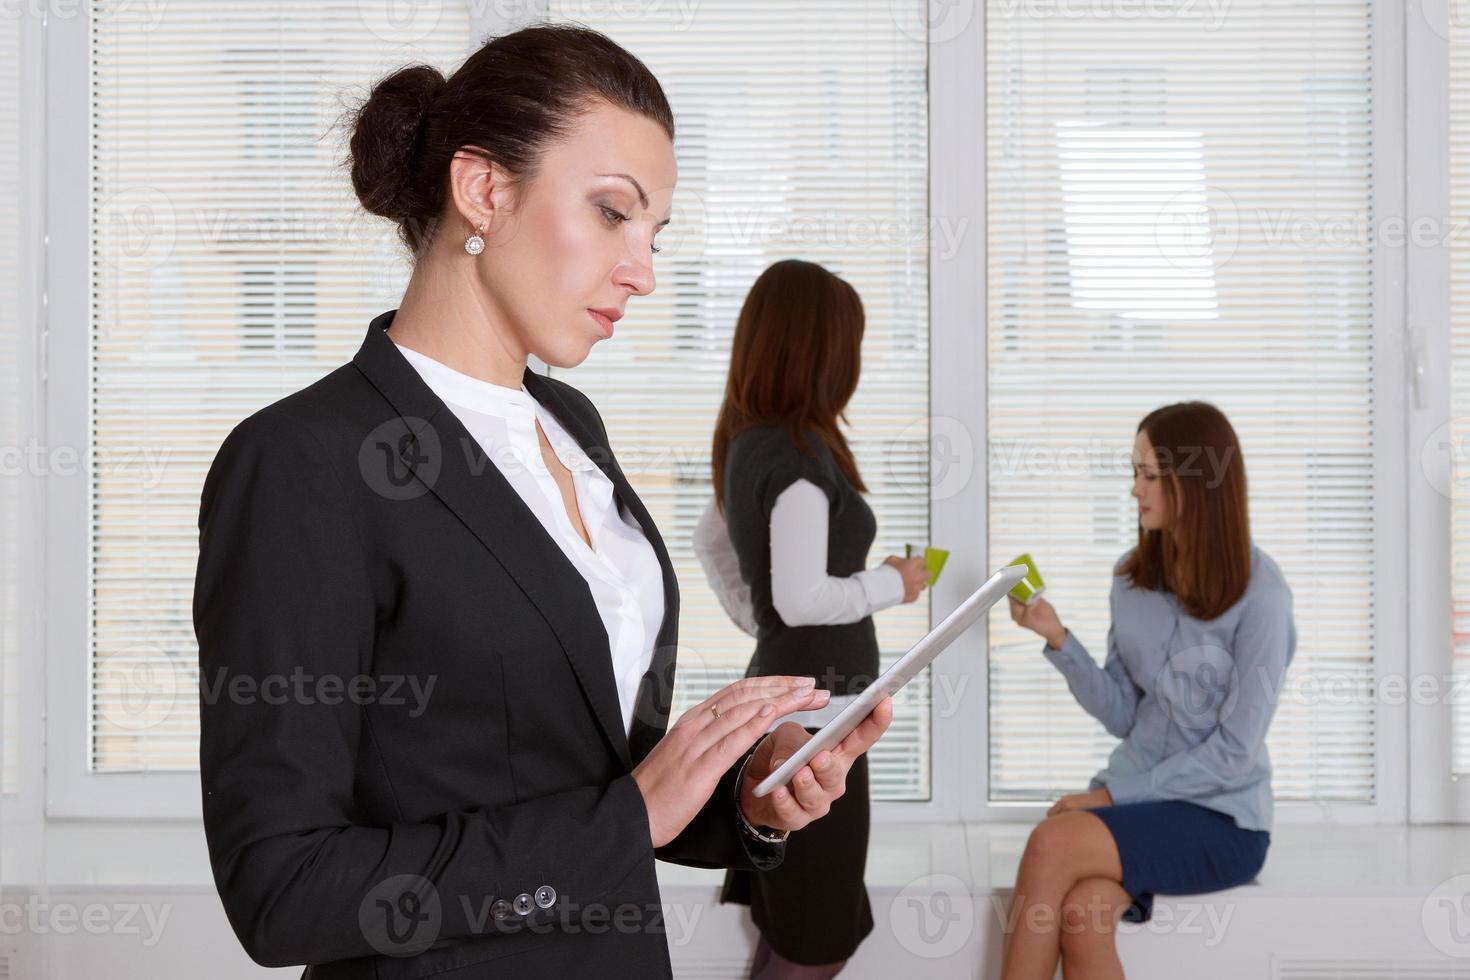 donna in abiti formali, leggendo le informazioni dal tablet foto